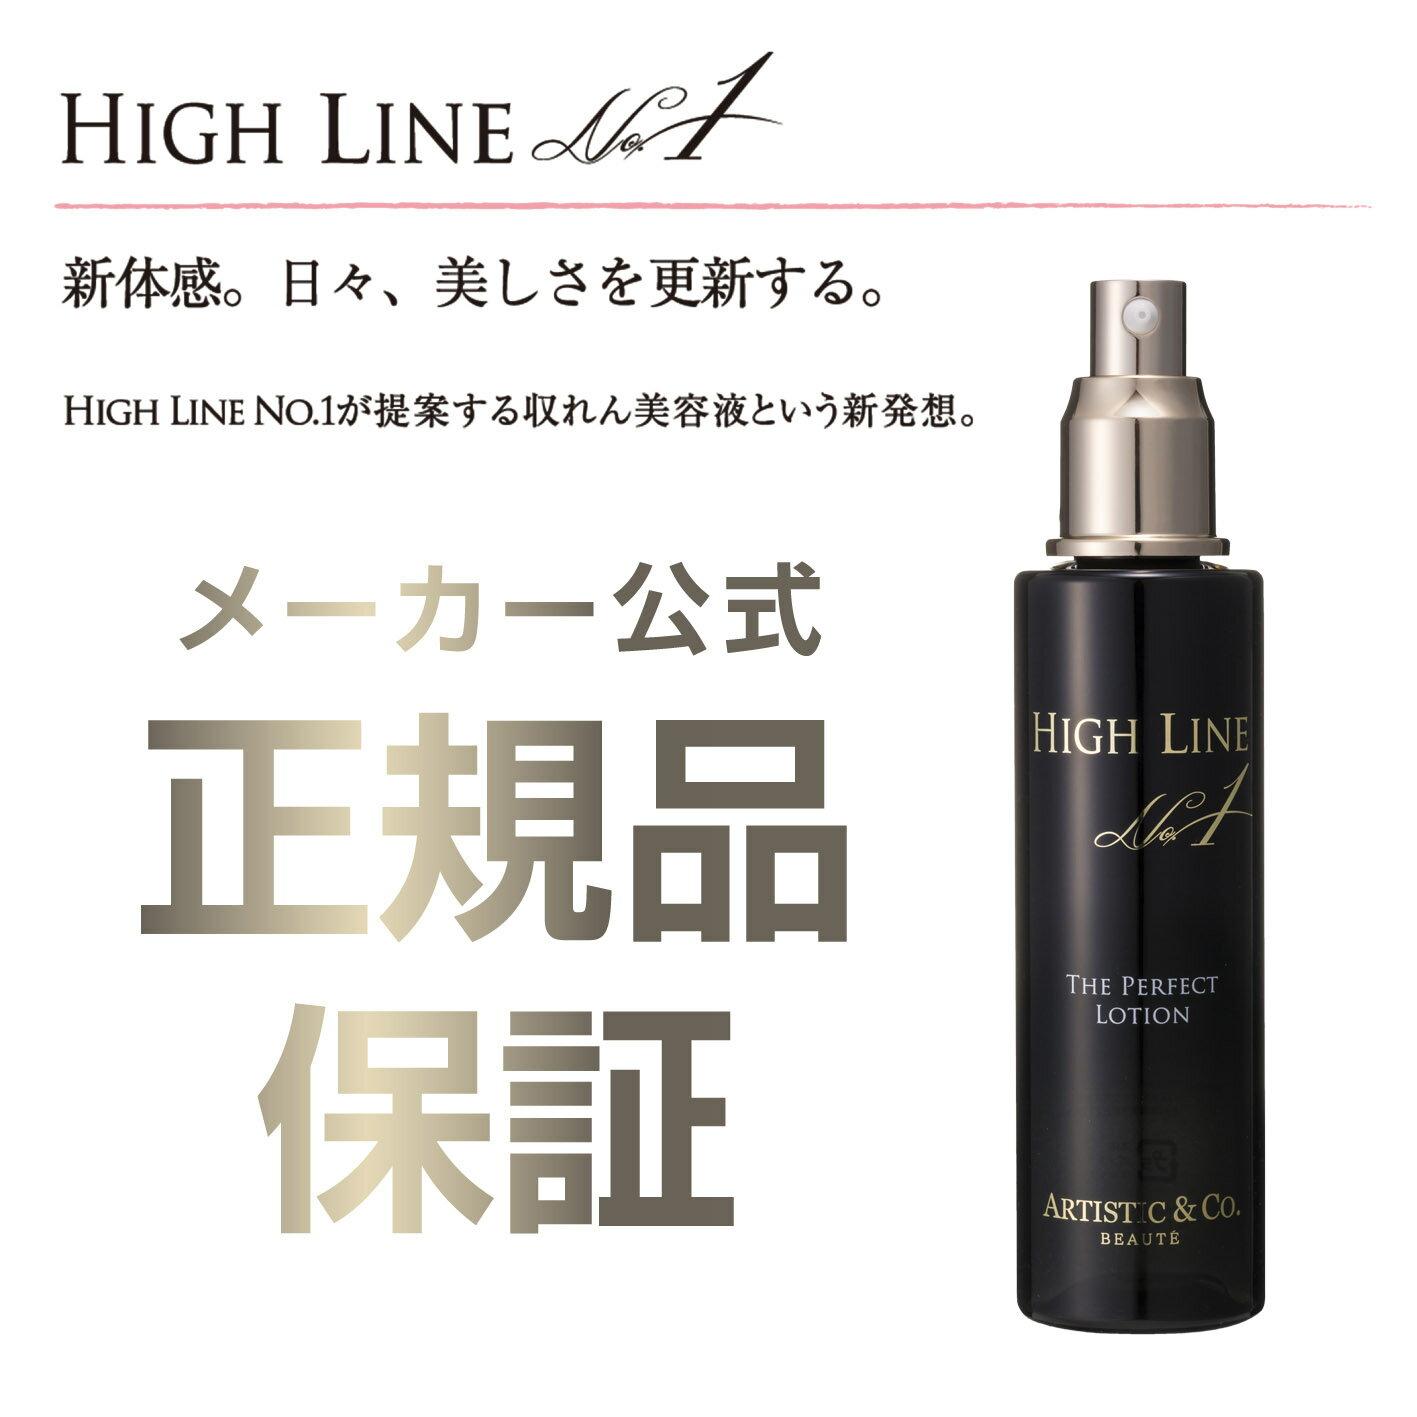 ハイライン No.1-120mL-